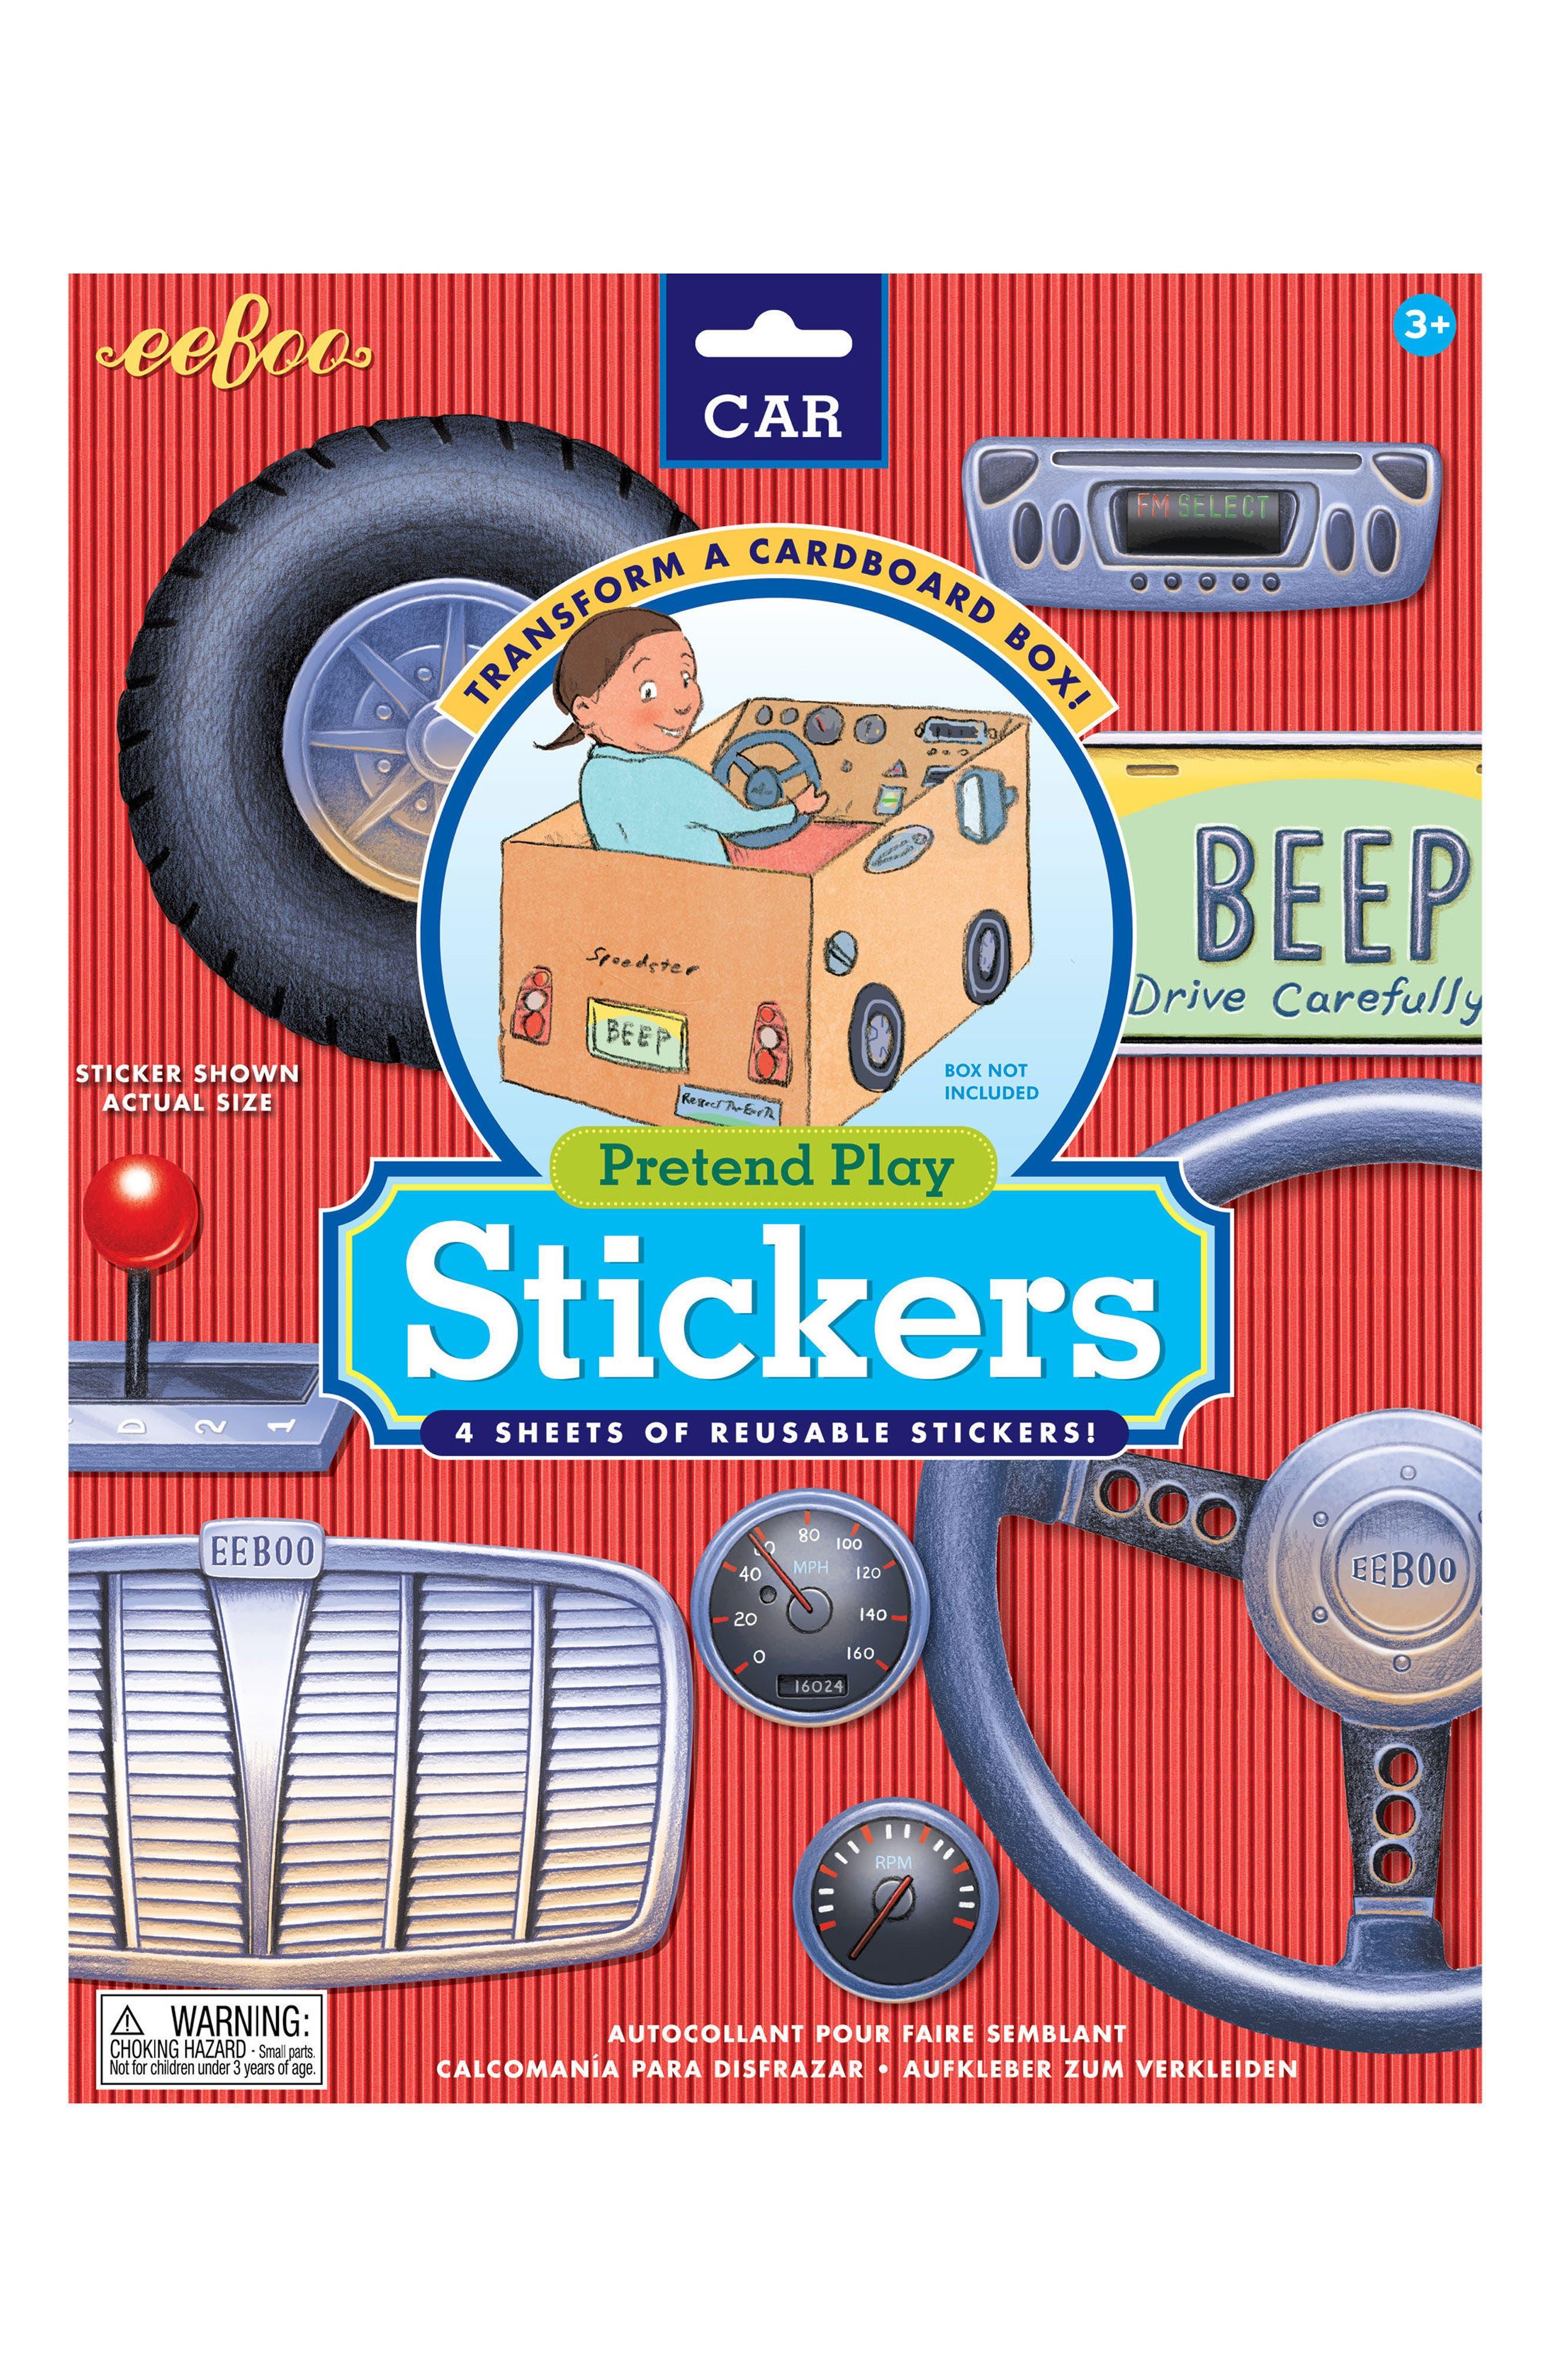 eeBoo Cardboard Box Car Stickers